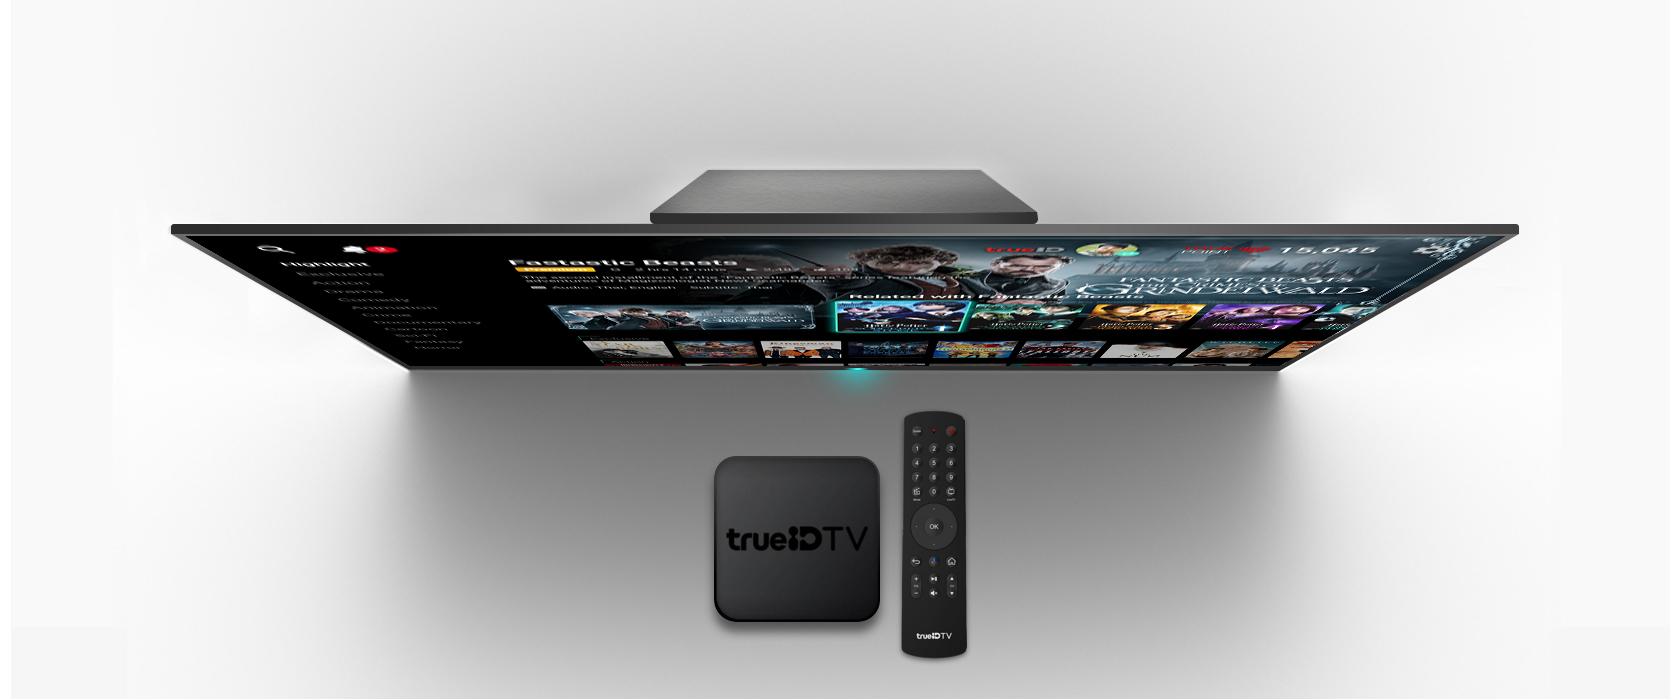 รีวิว TrueID TV Box กล่อง Android TV จากค่ายทรู แล้วเหล่า สว